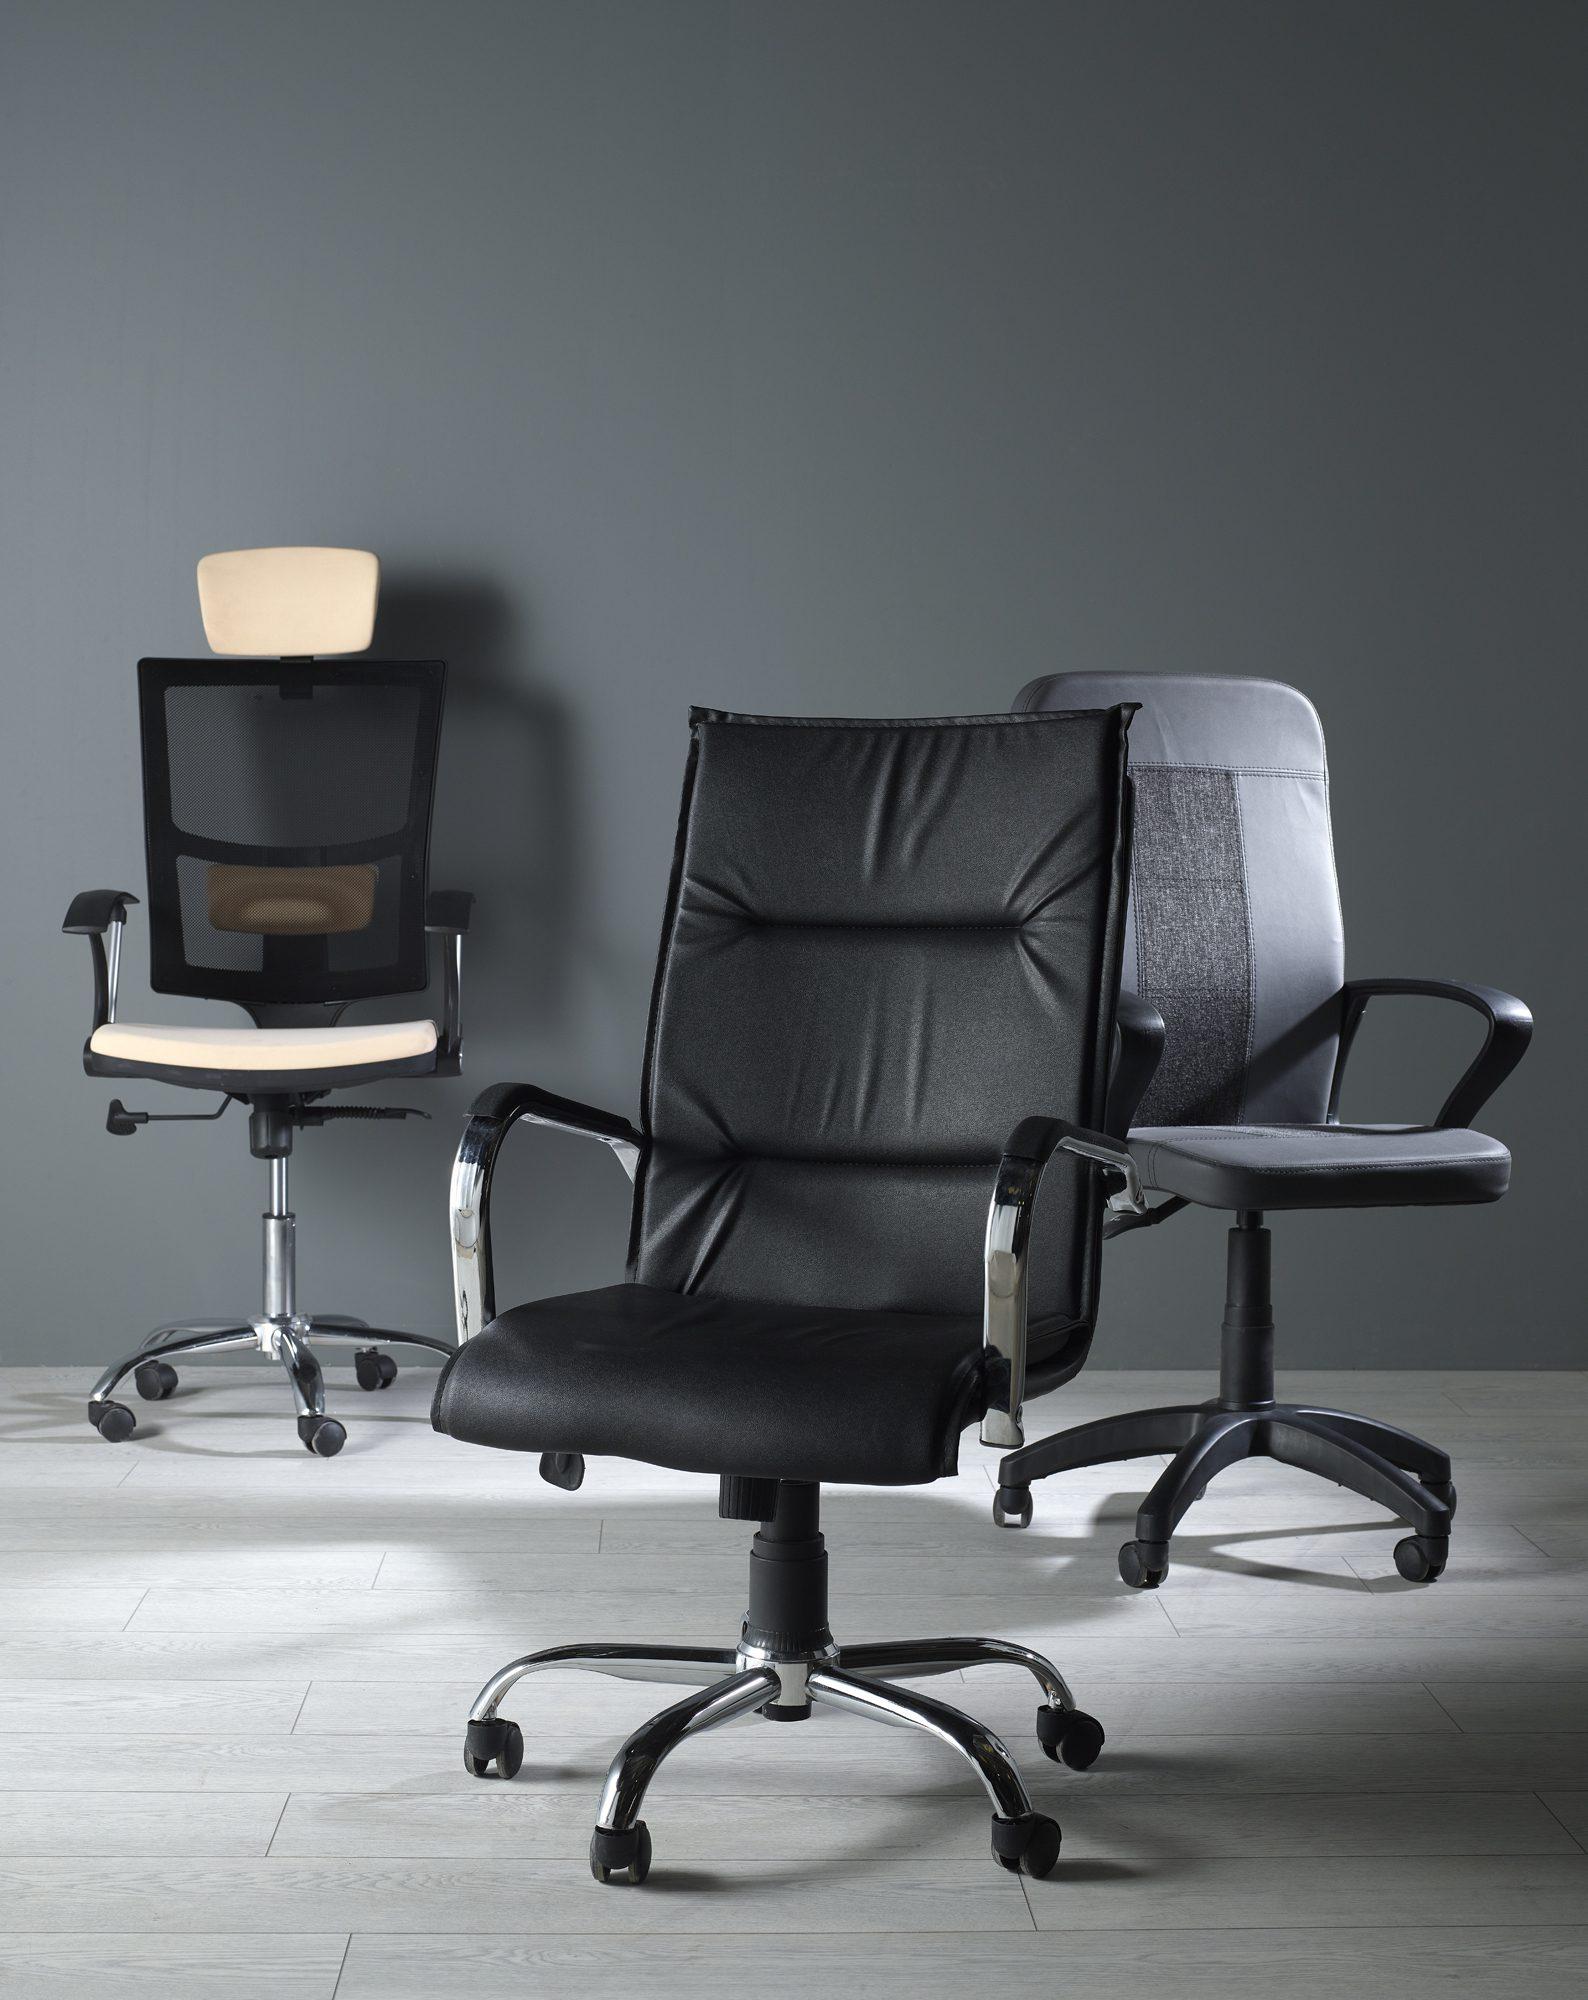 Ders Çalışma Sandalyesi